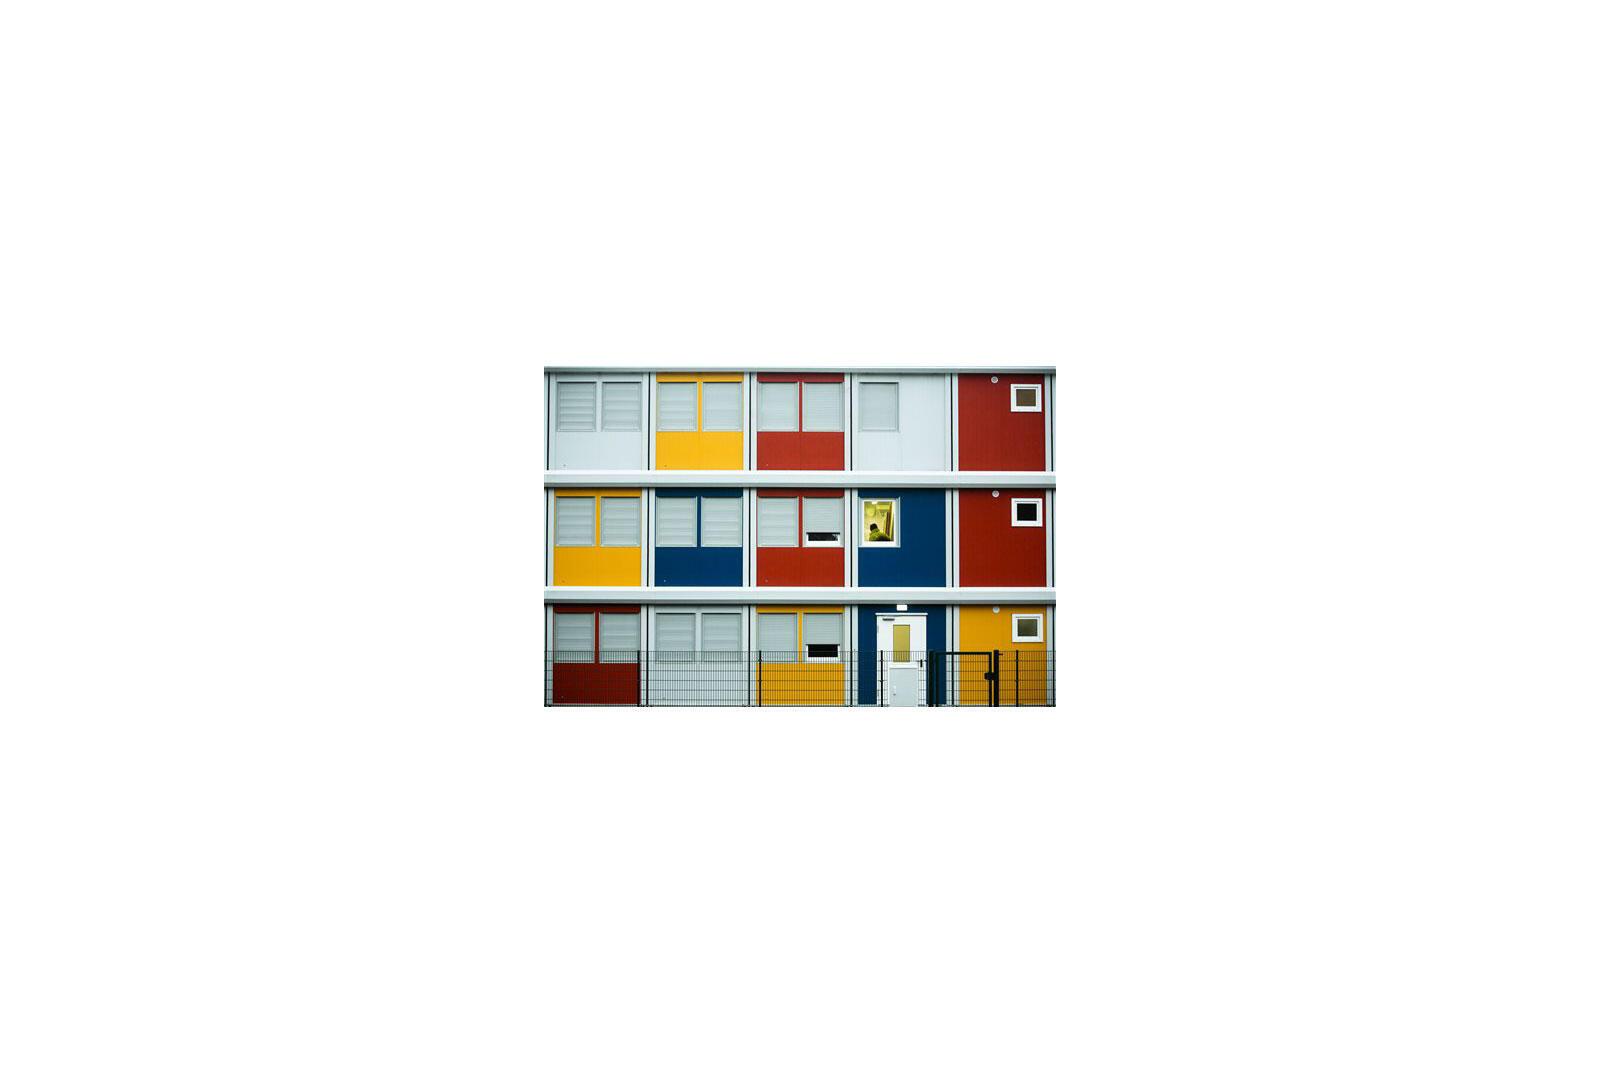 Dans le quartier de Köpenick, dans Berlin Est, se sont montés ces containers colorés comme des lego qui logent temporairement des dizaines de réfugiés.